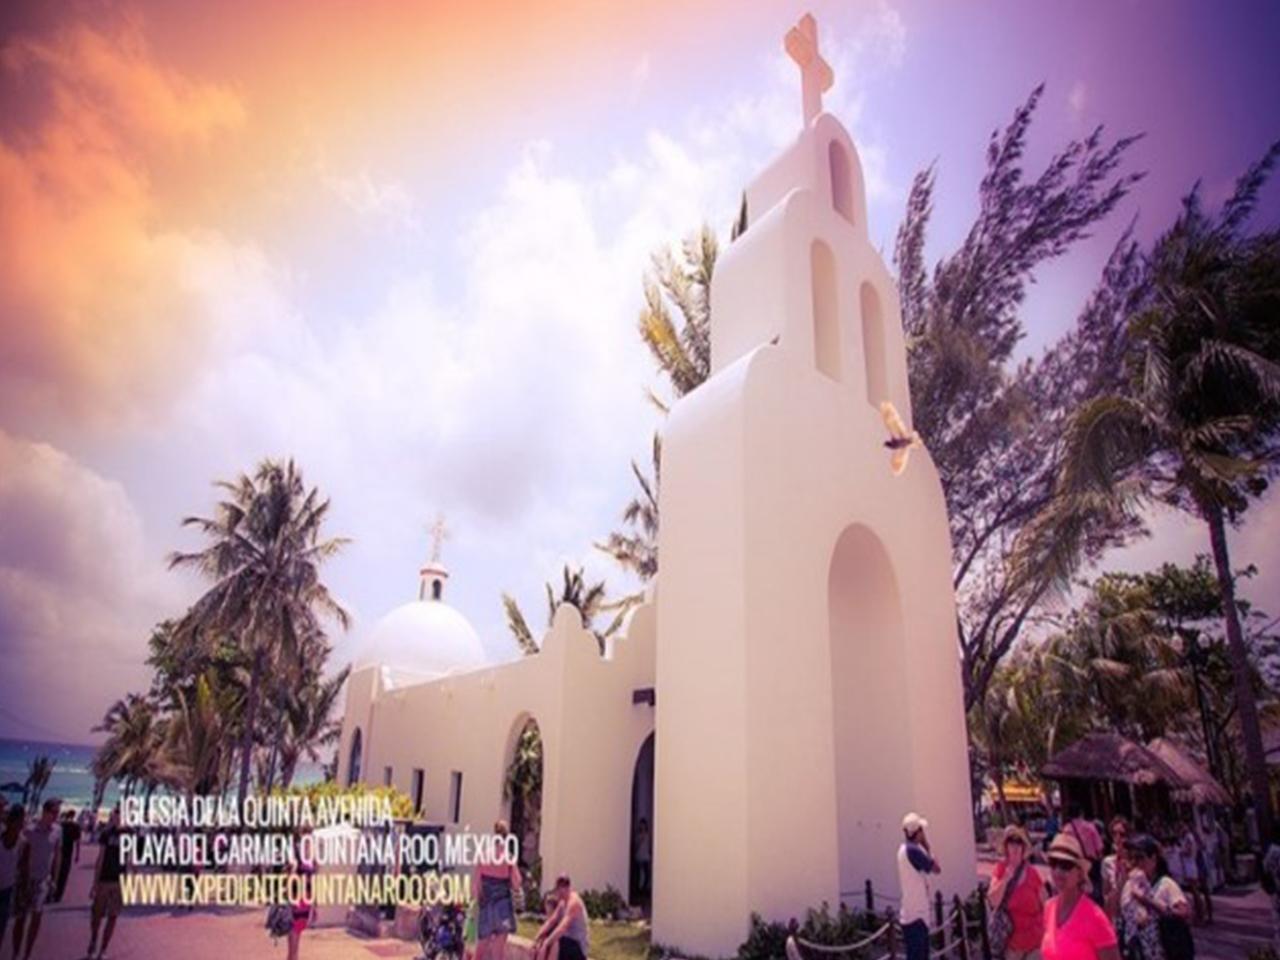 wedding Planner en Monterrey, Boda en la playa, Las mejores bodas en la playa en México - Paquete 1: Amor verdadero